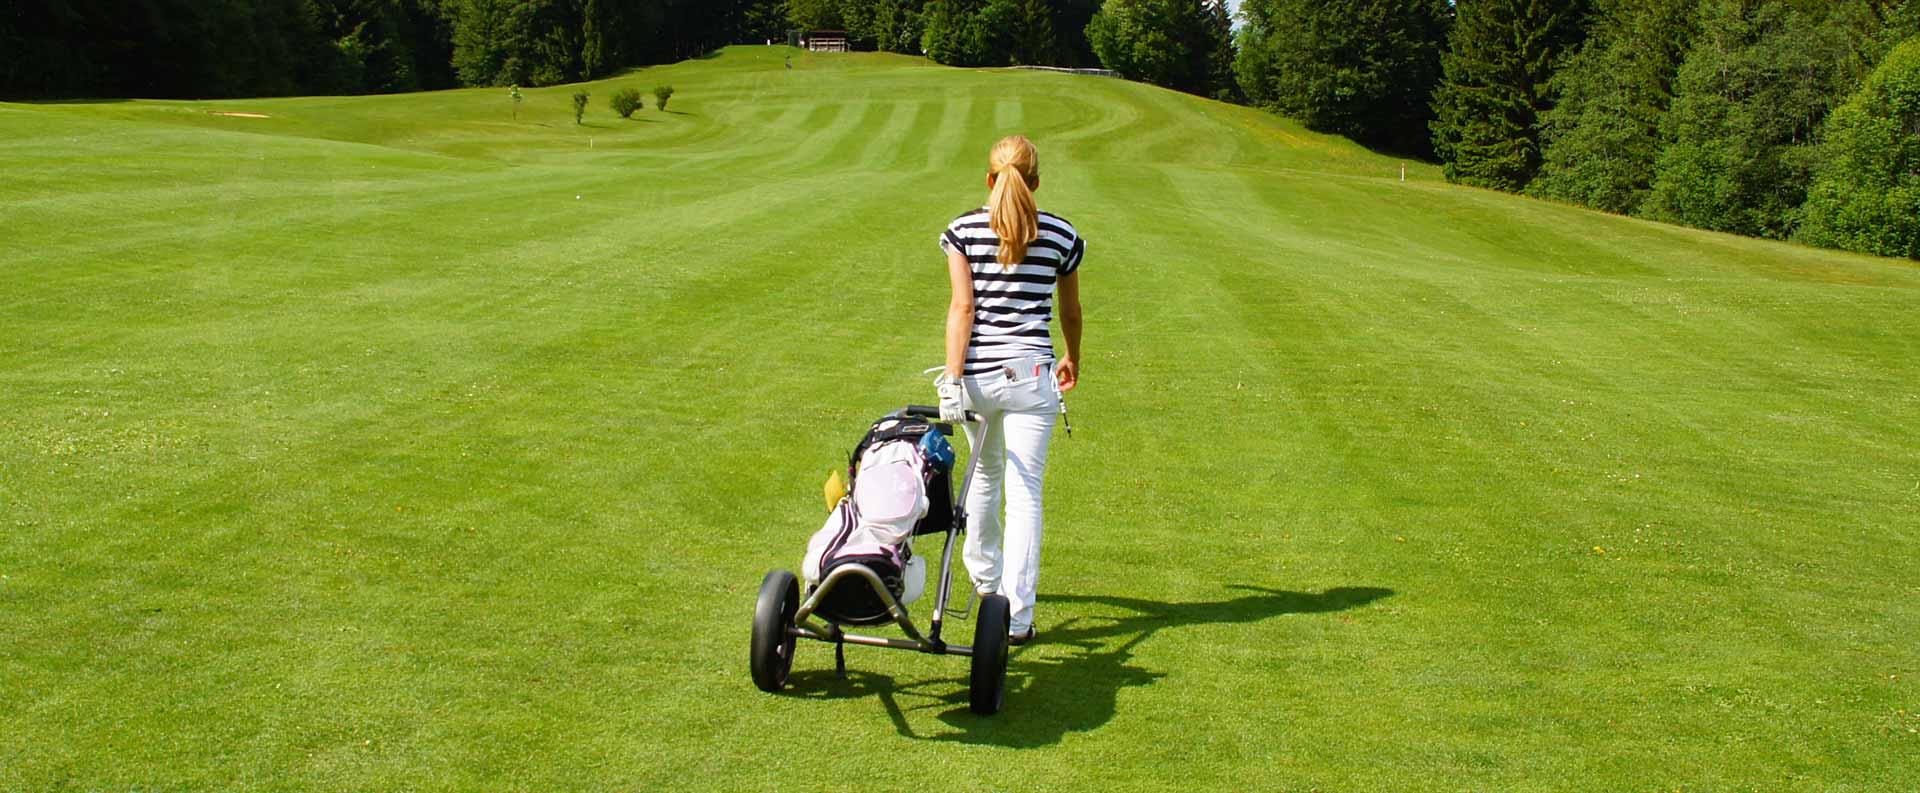 Golfen in